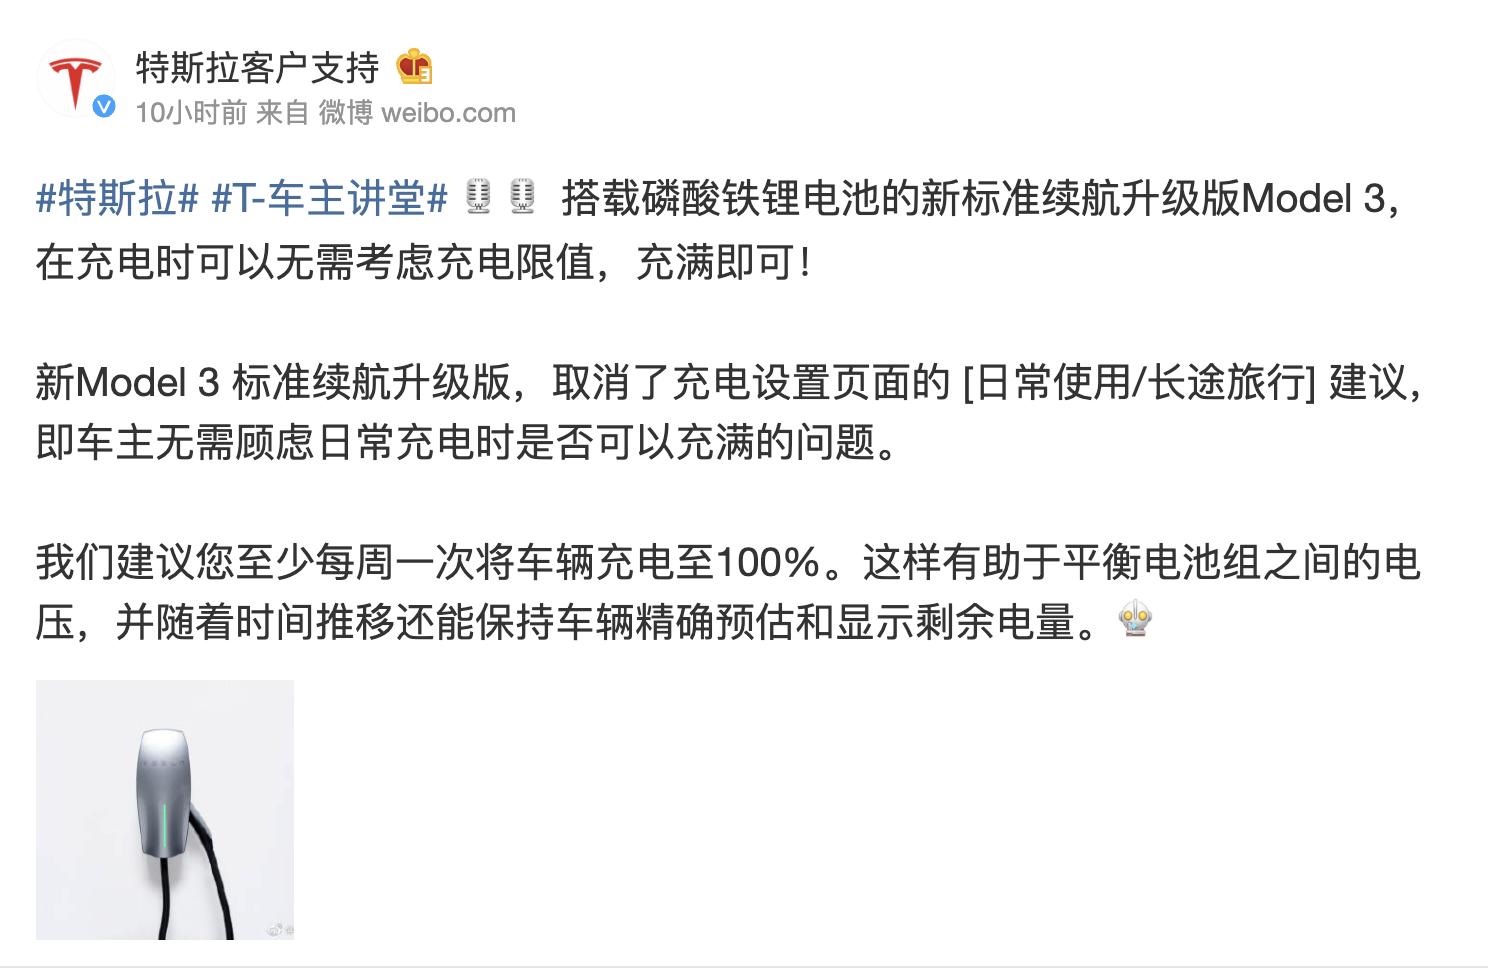 tesla-china-lfp-charging-weibo